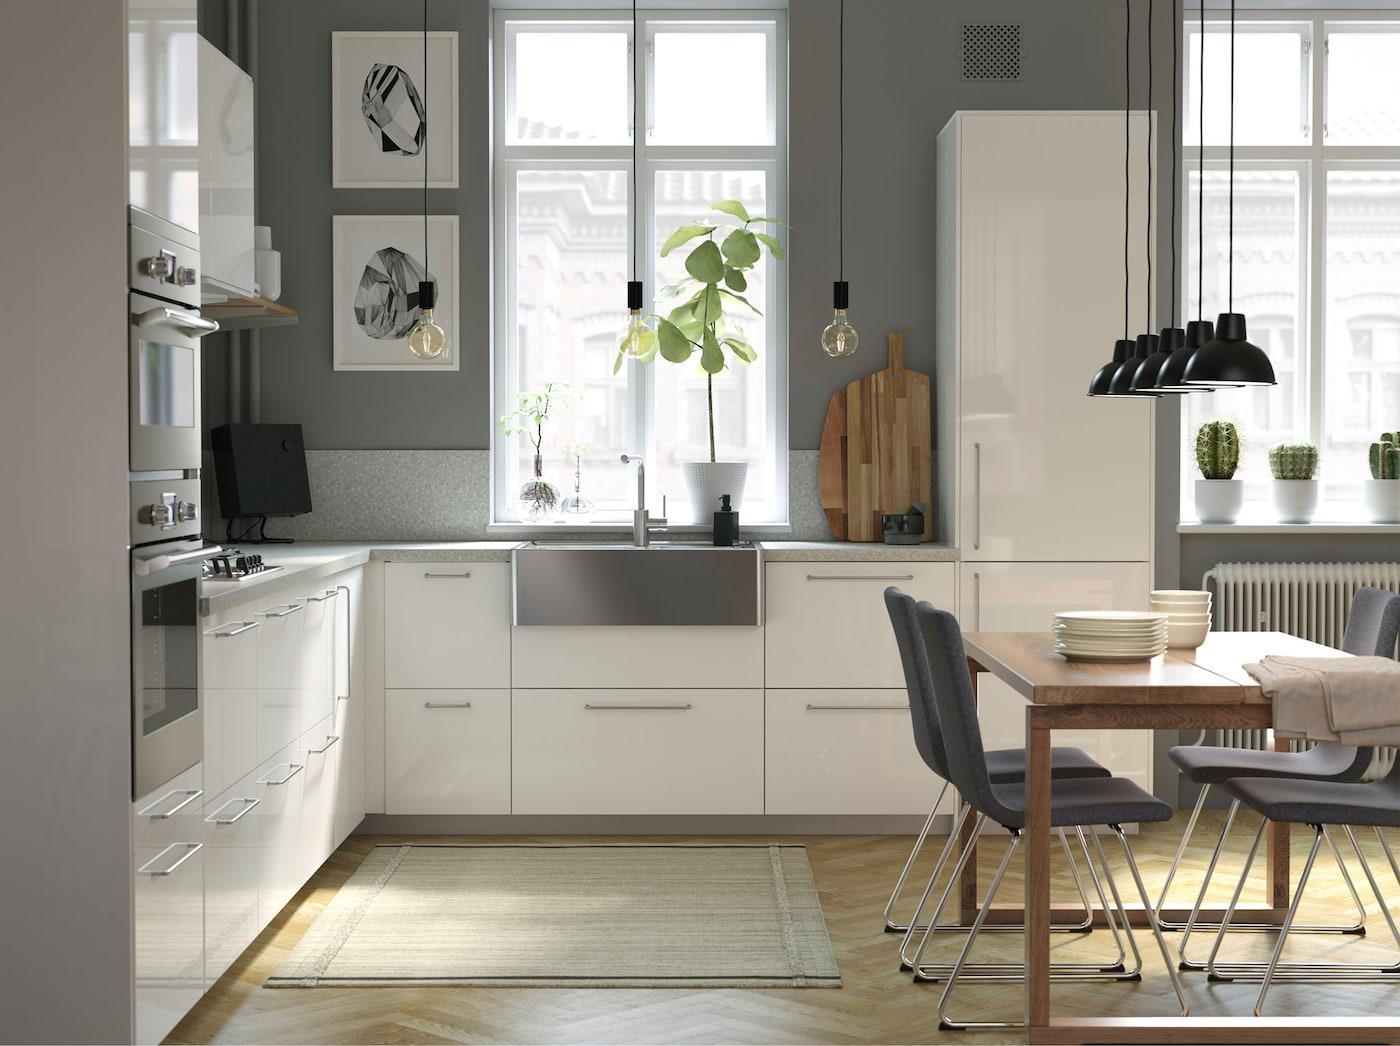 A gama de cozinhas IKEA inclui toques de design moderno, nomeadamente o elegante lava-loiça BREDSJÖN em aço inoxidável e a torneira de cozinha TÄMNAREN com sensor de movimento opcional que permite poupar água.